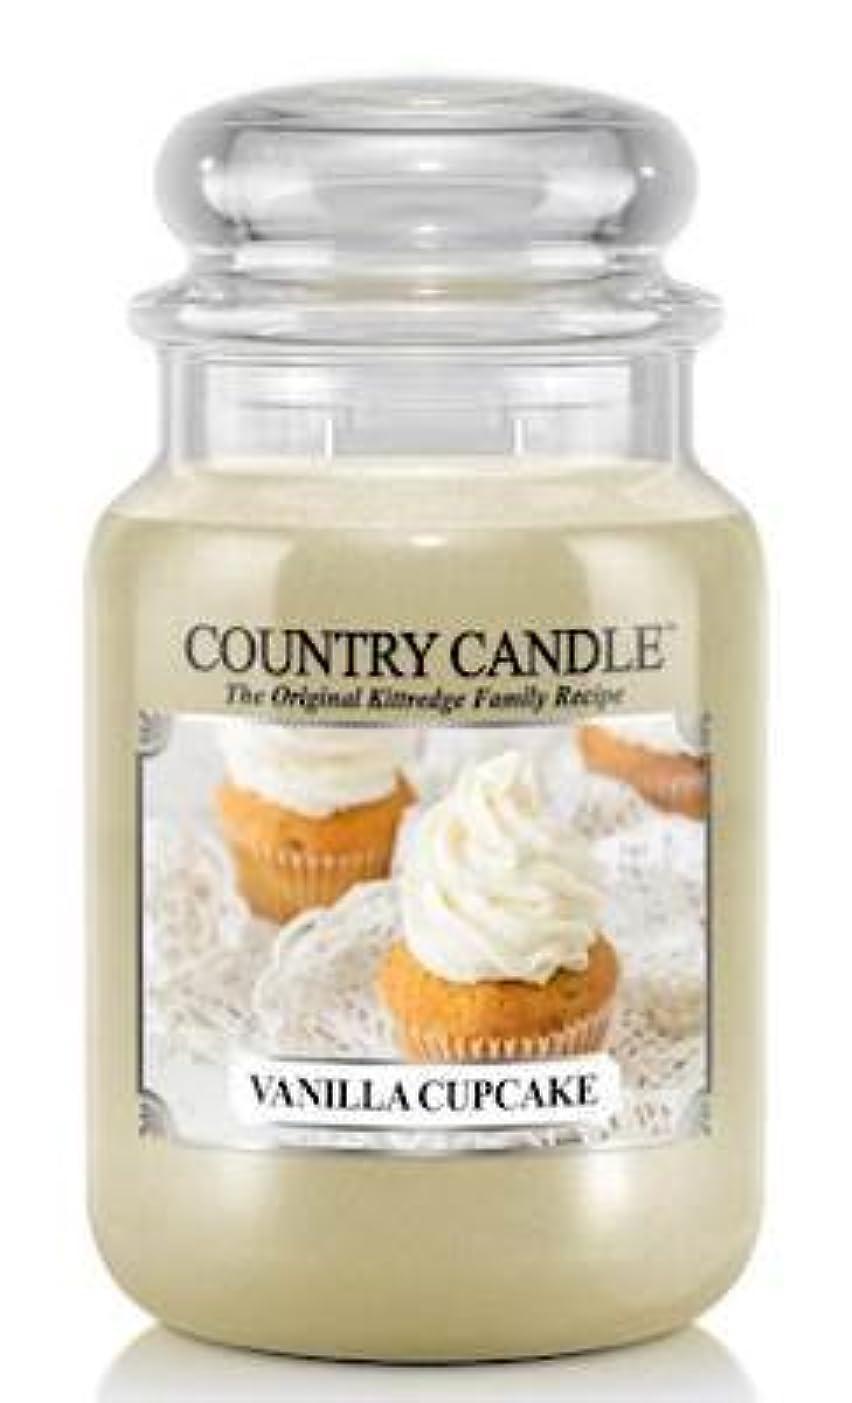 プーノ勢い高揚したバニラカップケーキCountry Candle Large 23oz 2-wick香りつきJar Candle